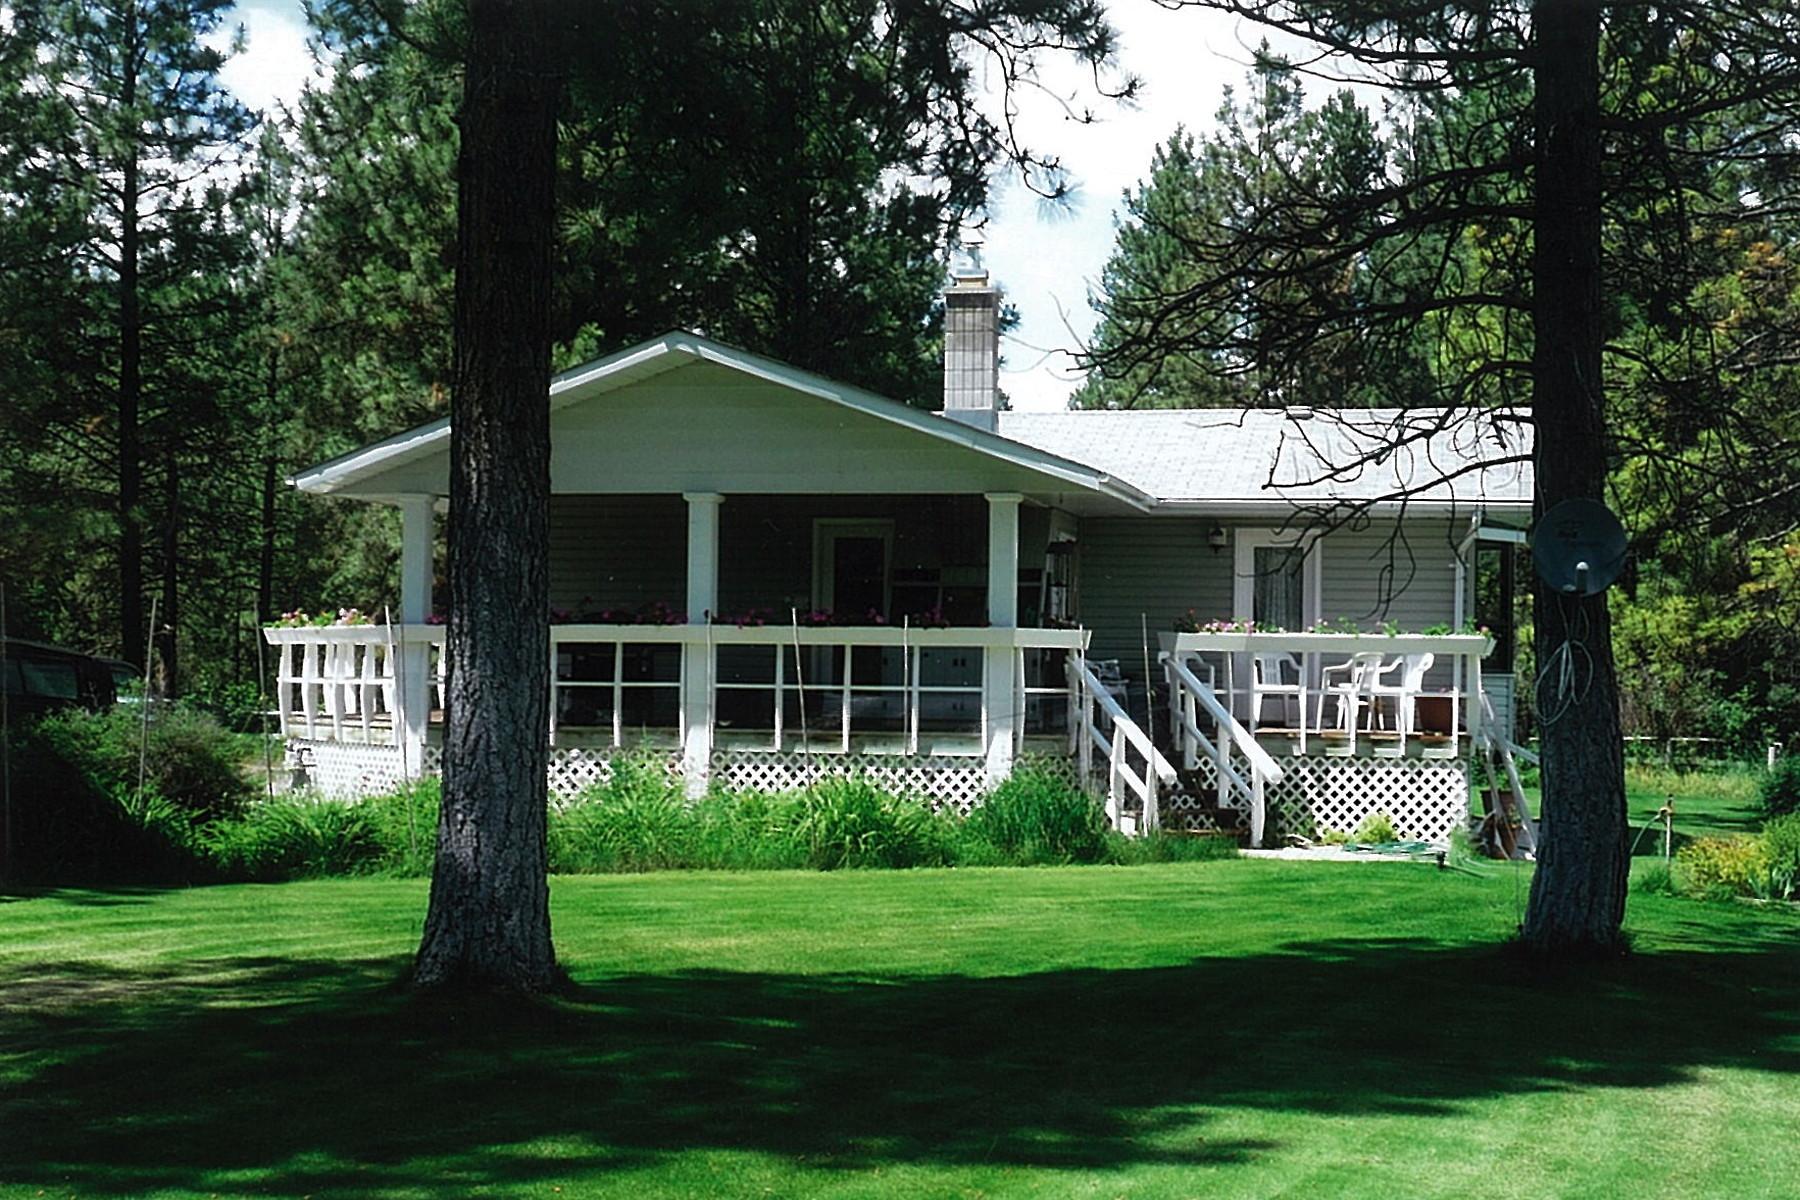 その他の住居 のために 売買 アット Affordable Equestrian Estate 4836 Kennedy Road Cranbrook, ブリティッシュコロンビア, V1C 7C1 カナダ